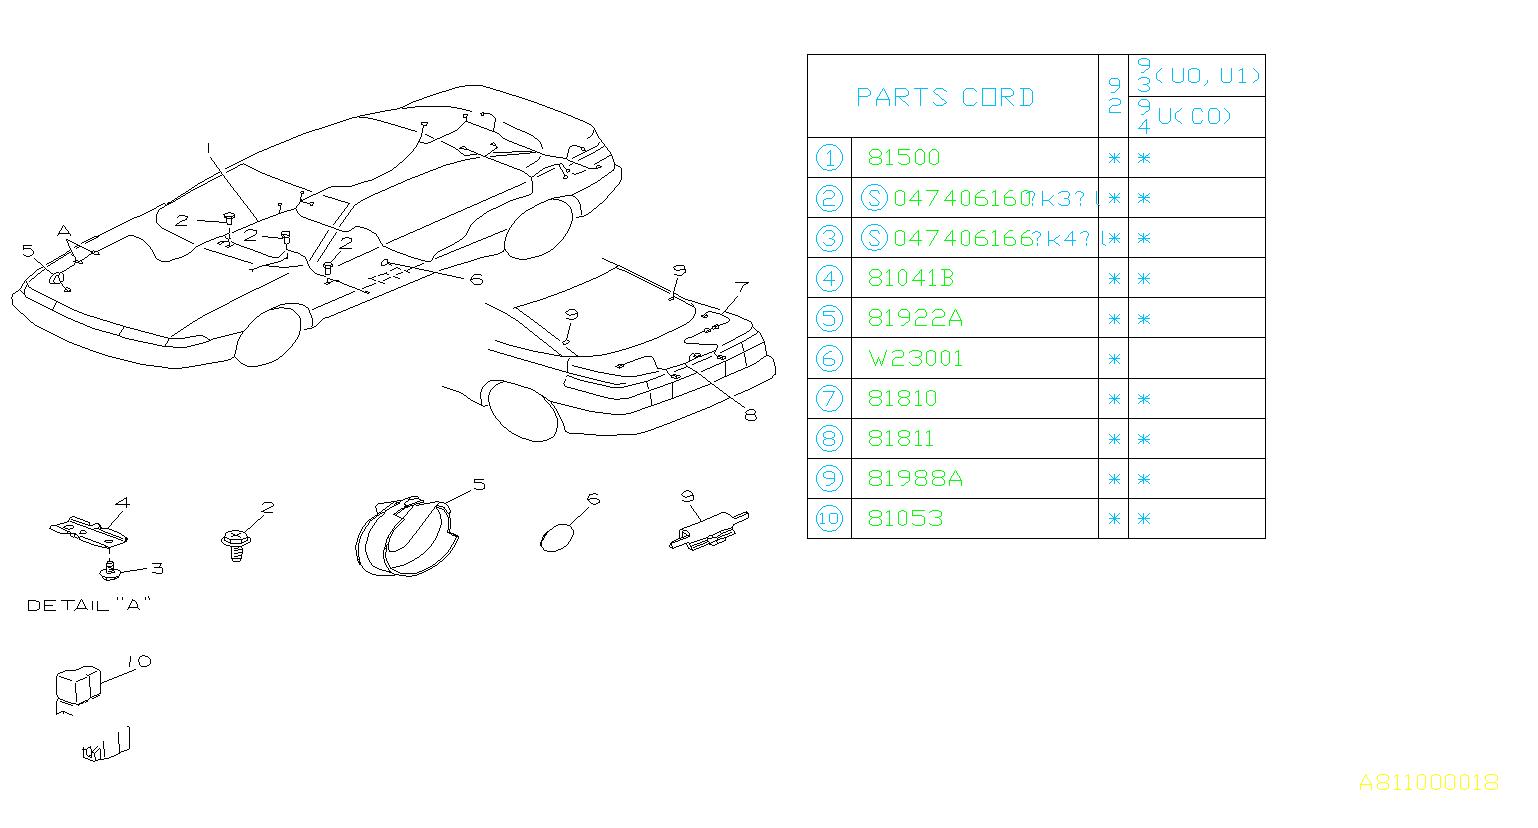 Subaru SVX Hole plug-right. Rh side. Harness, wiring, rear